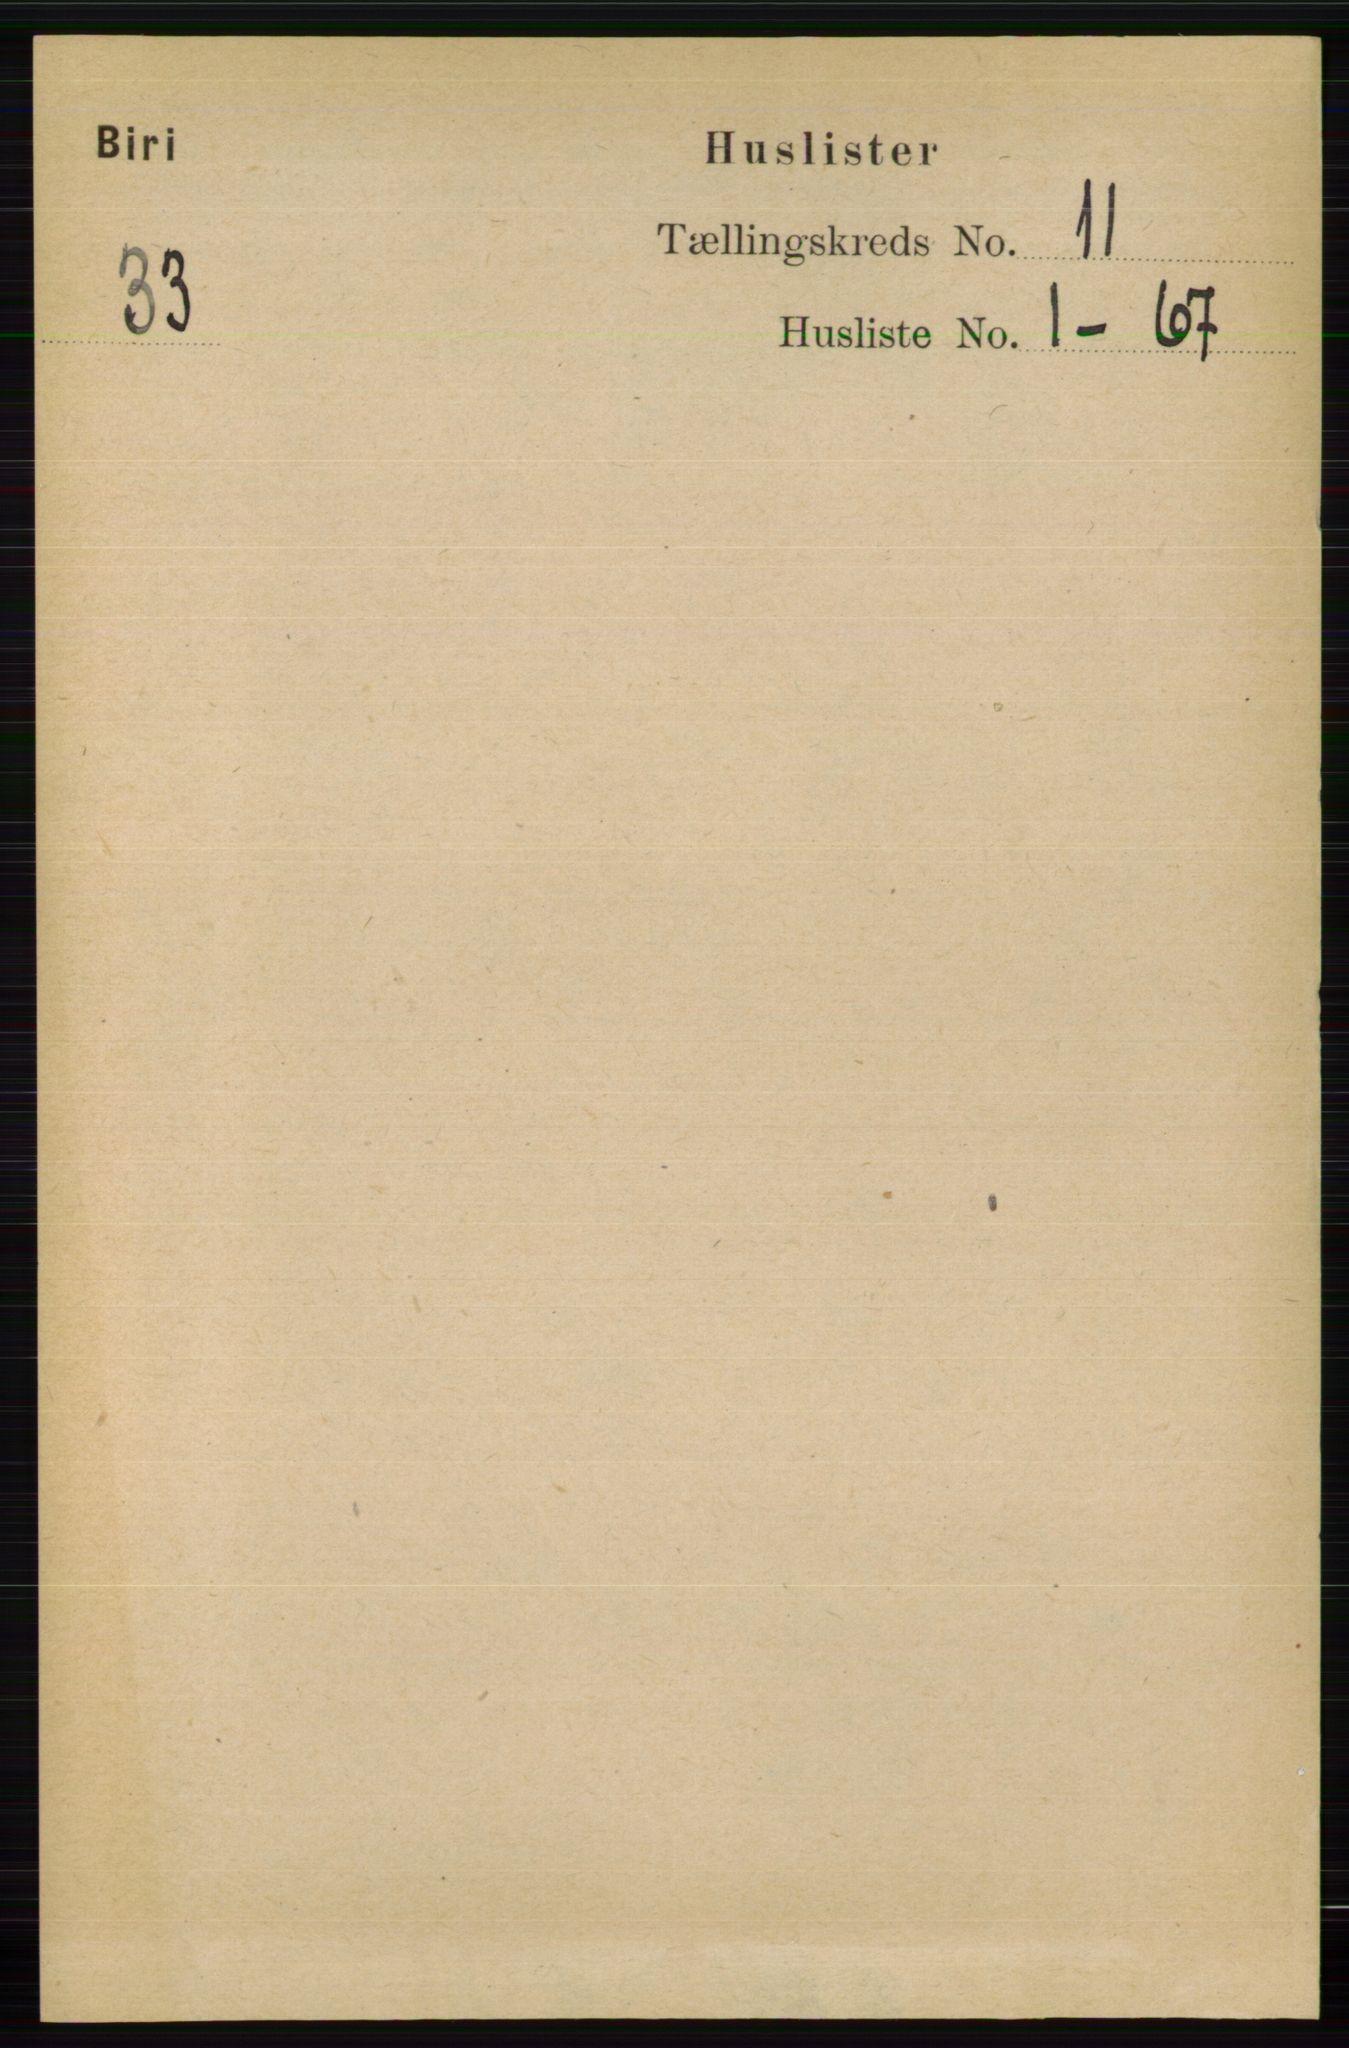 RA, Folketelling 1891 for 0525 Biri herred, 1891, s. 4292